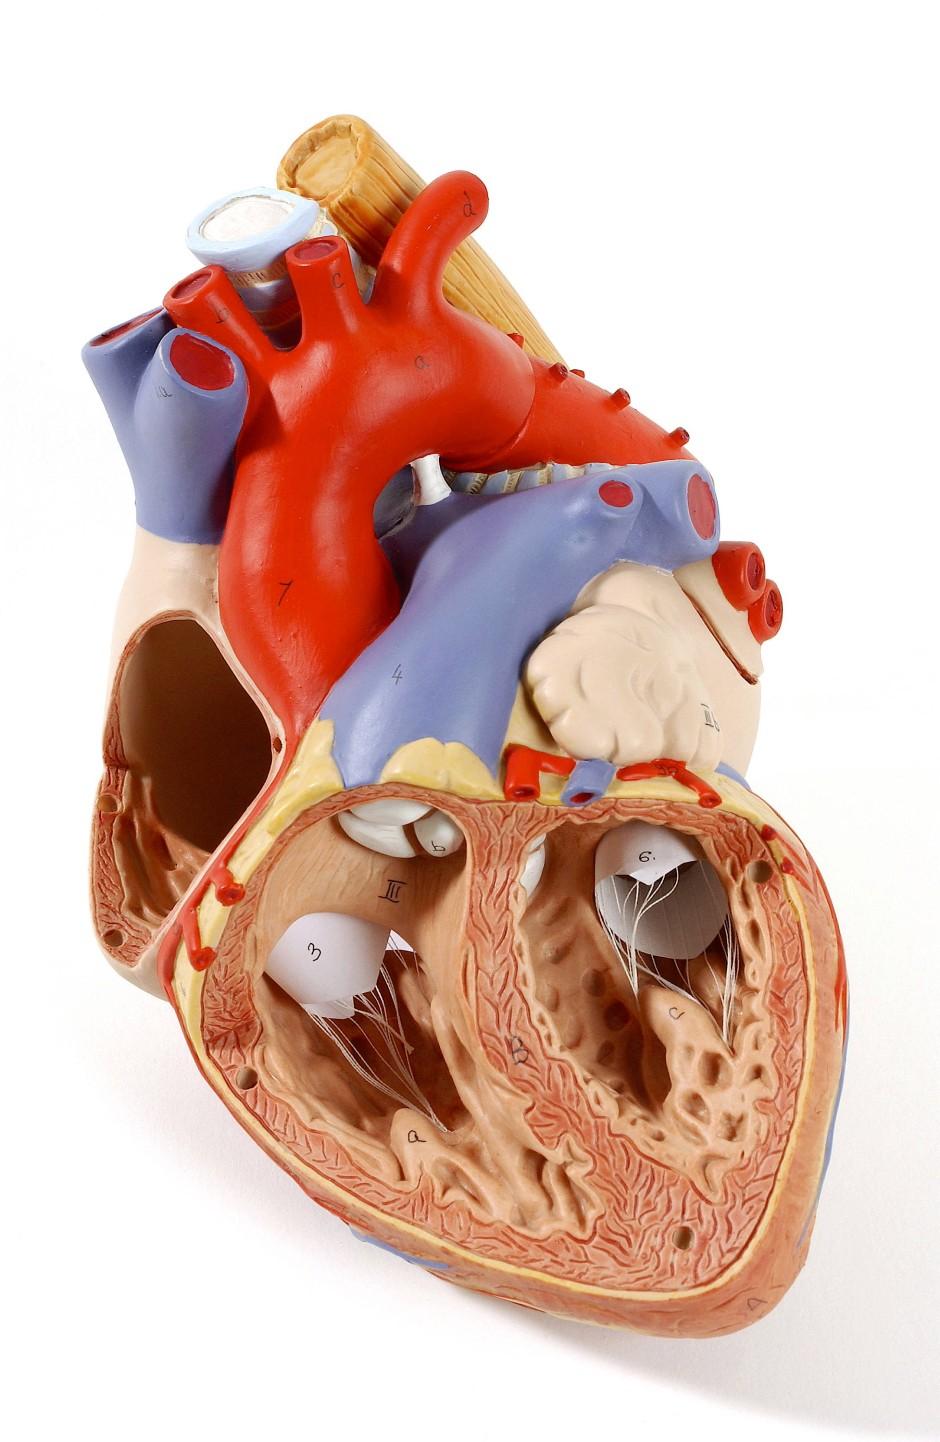 Blick in das Innere eines Modell-Herzens